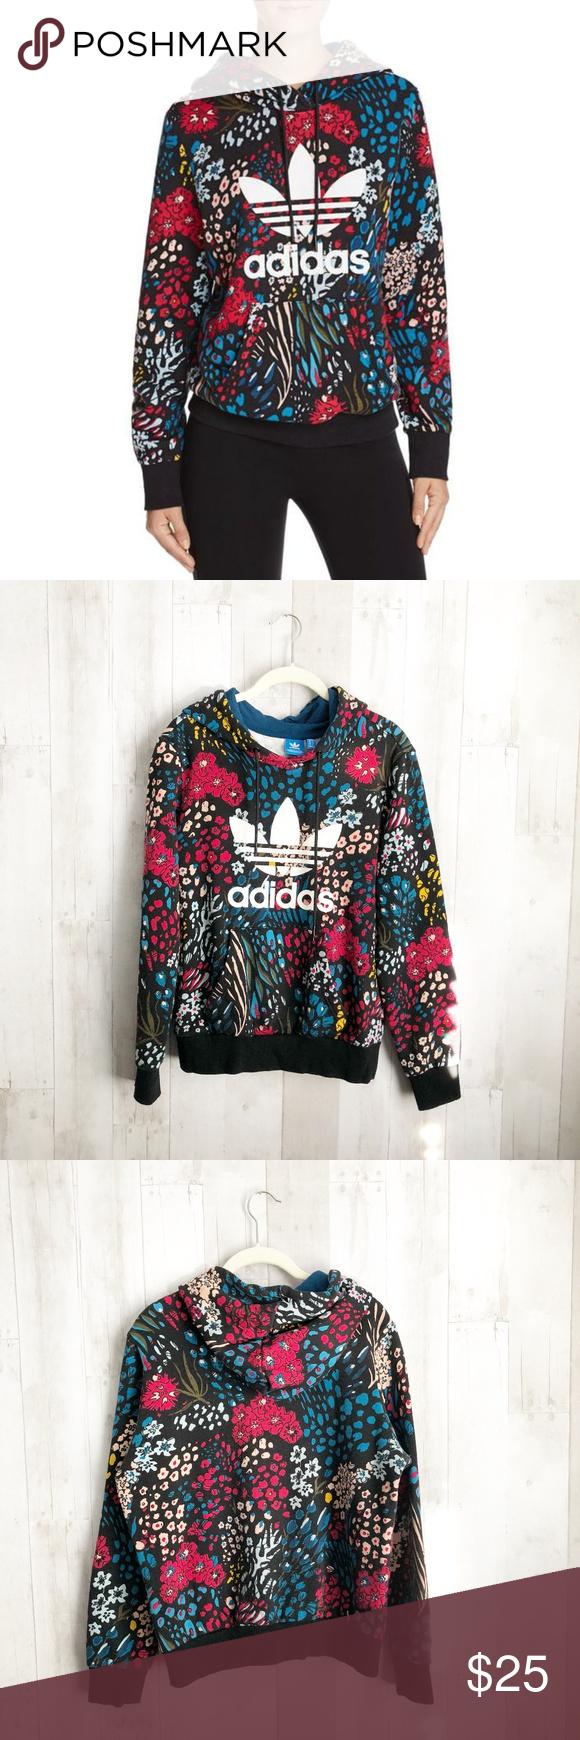 Adidas Originals Floral Trefoil Logo Sweatshirt Multi Colored Sweatshirt Hooded Sweatshirts Sweatshirts [ 1740 x 580 Pixel ]